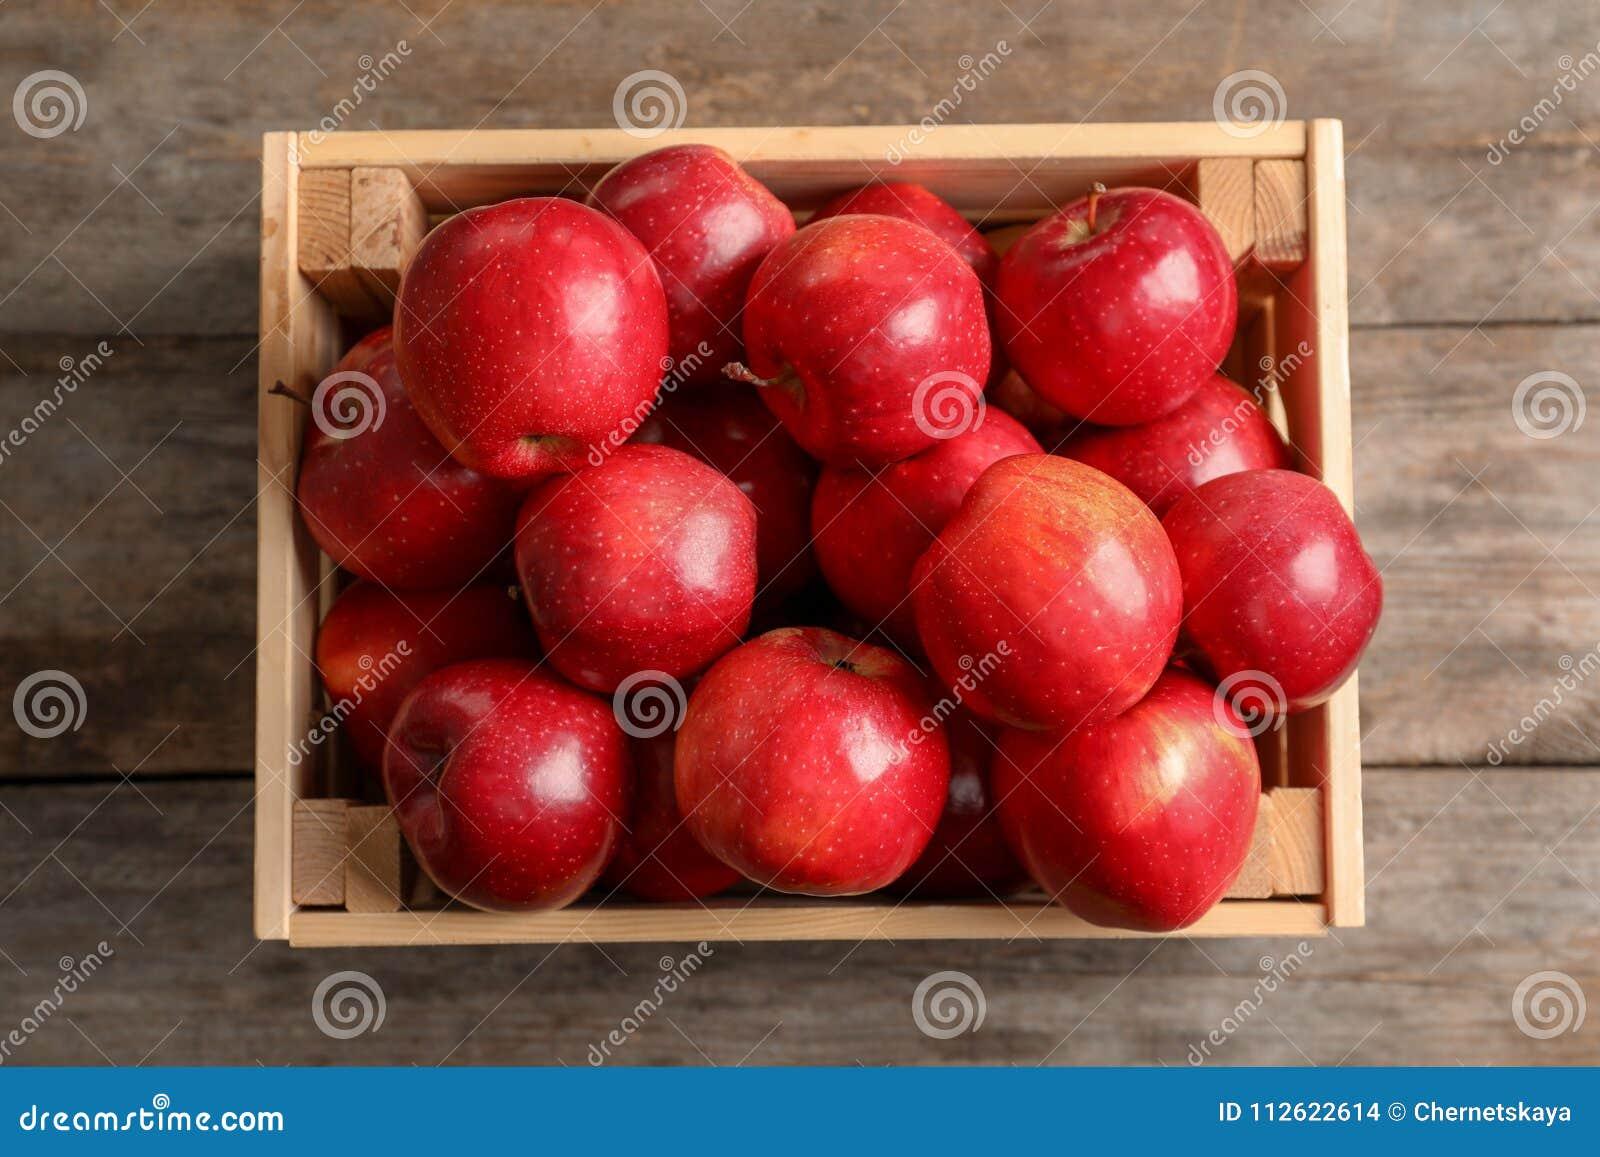 Houten krat met verse rode appelen op lijst